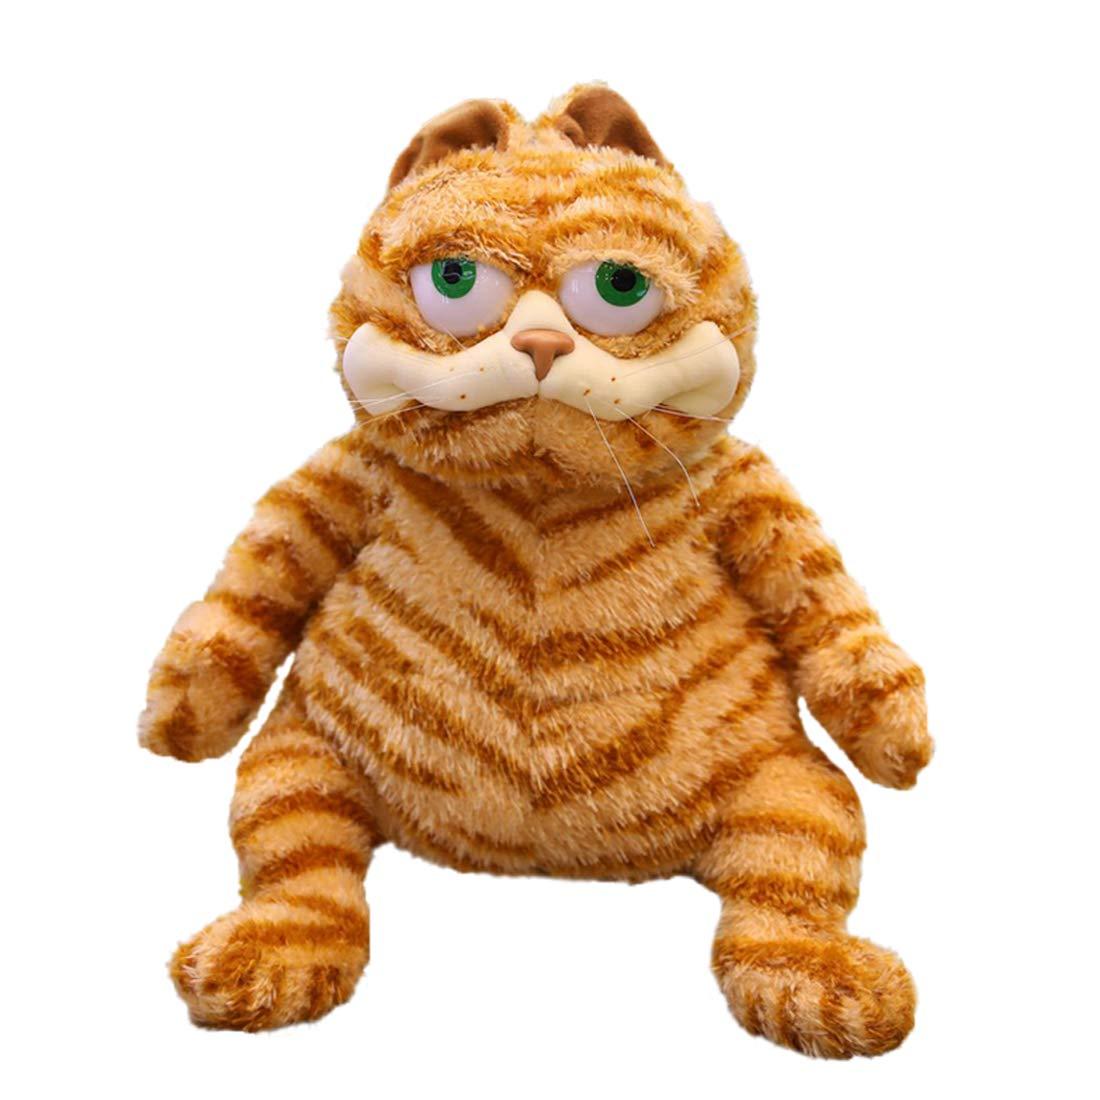 Lifelike Fat Cat Plush Garfield Stuffed Buy Online In Brunei At Desertcart